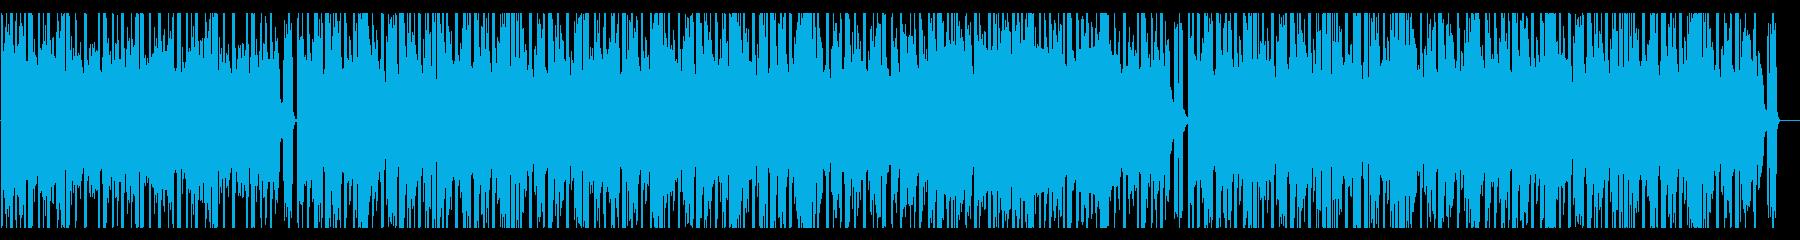 レトロな夜空を感じるBGMの再生済みの波形